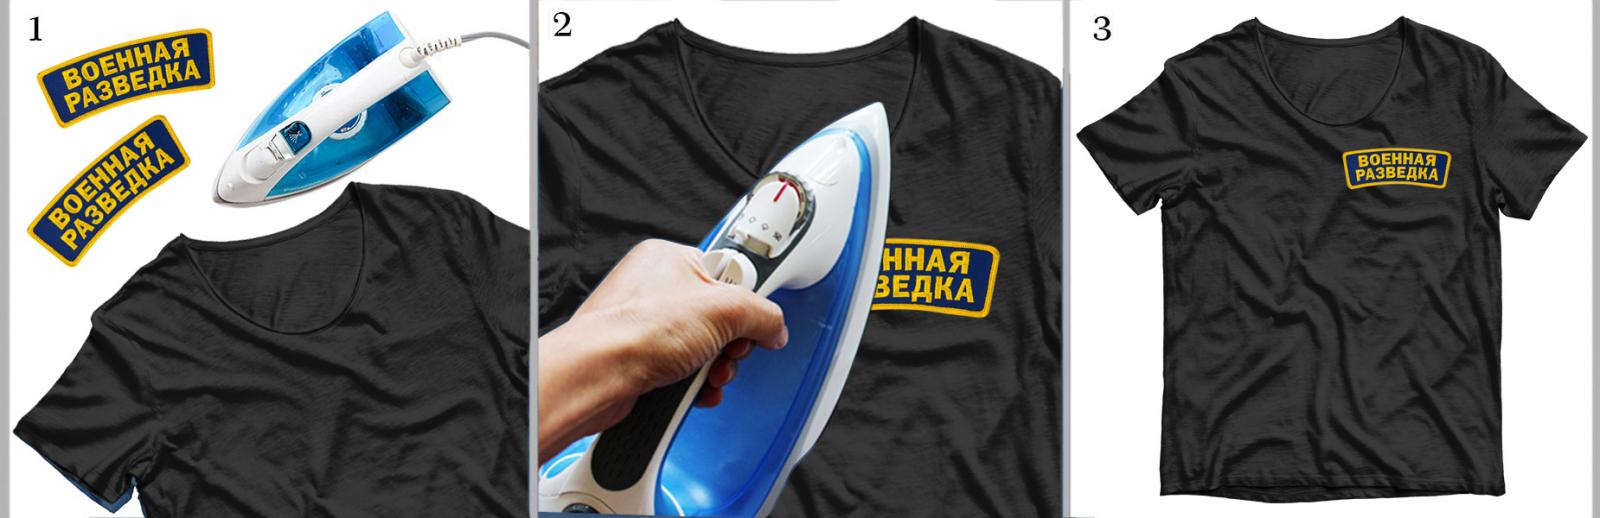 """Нашивка """"Военная разведка"""" термоклеевая на футболке"""